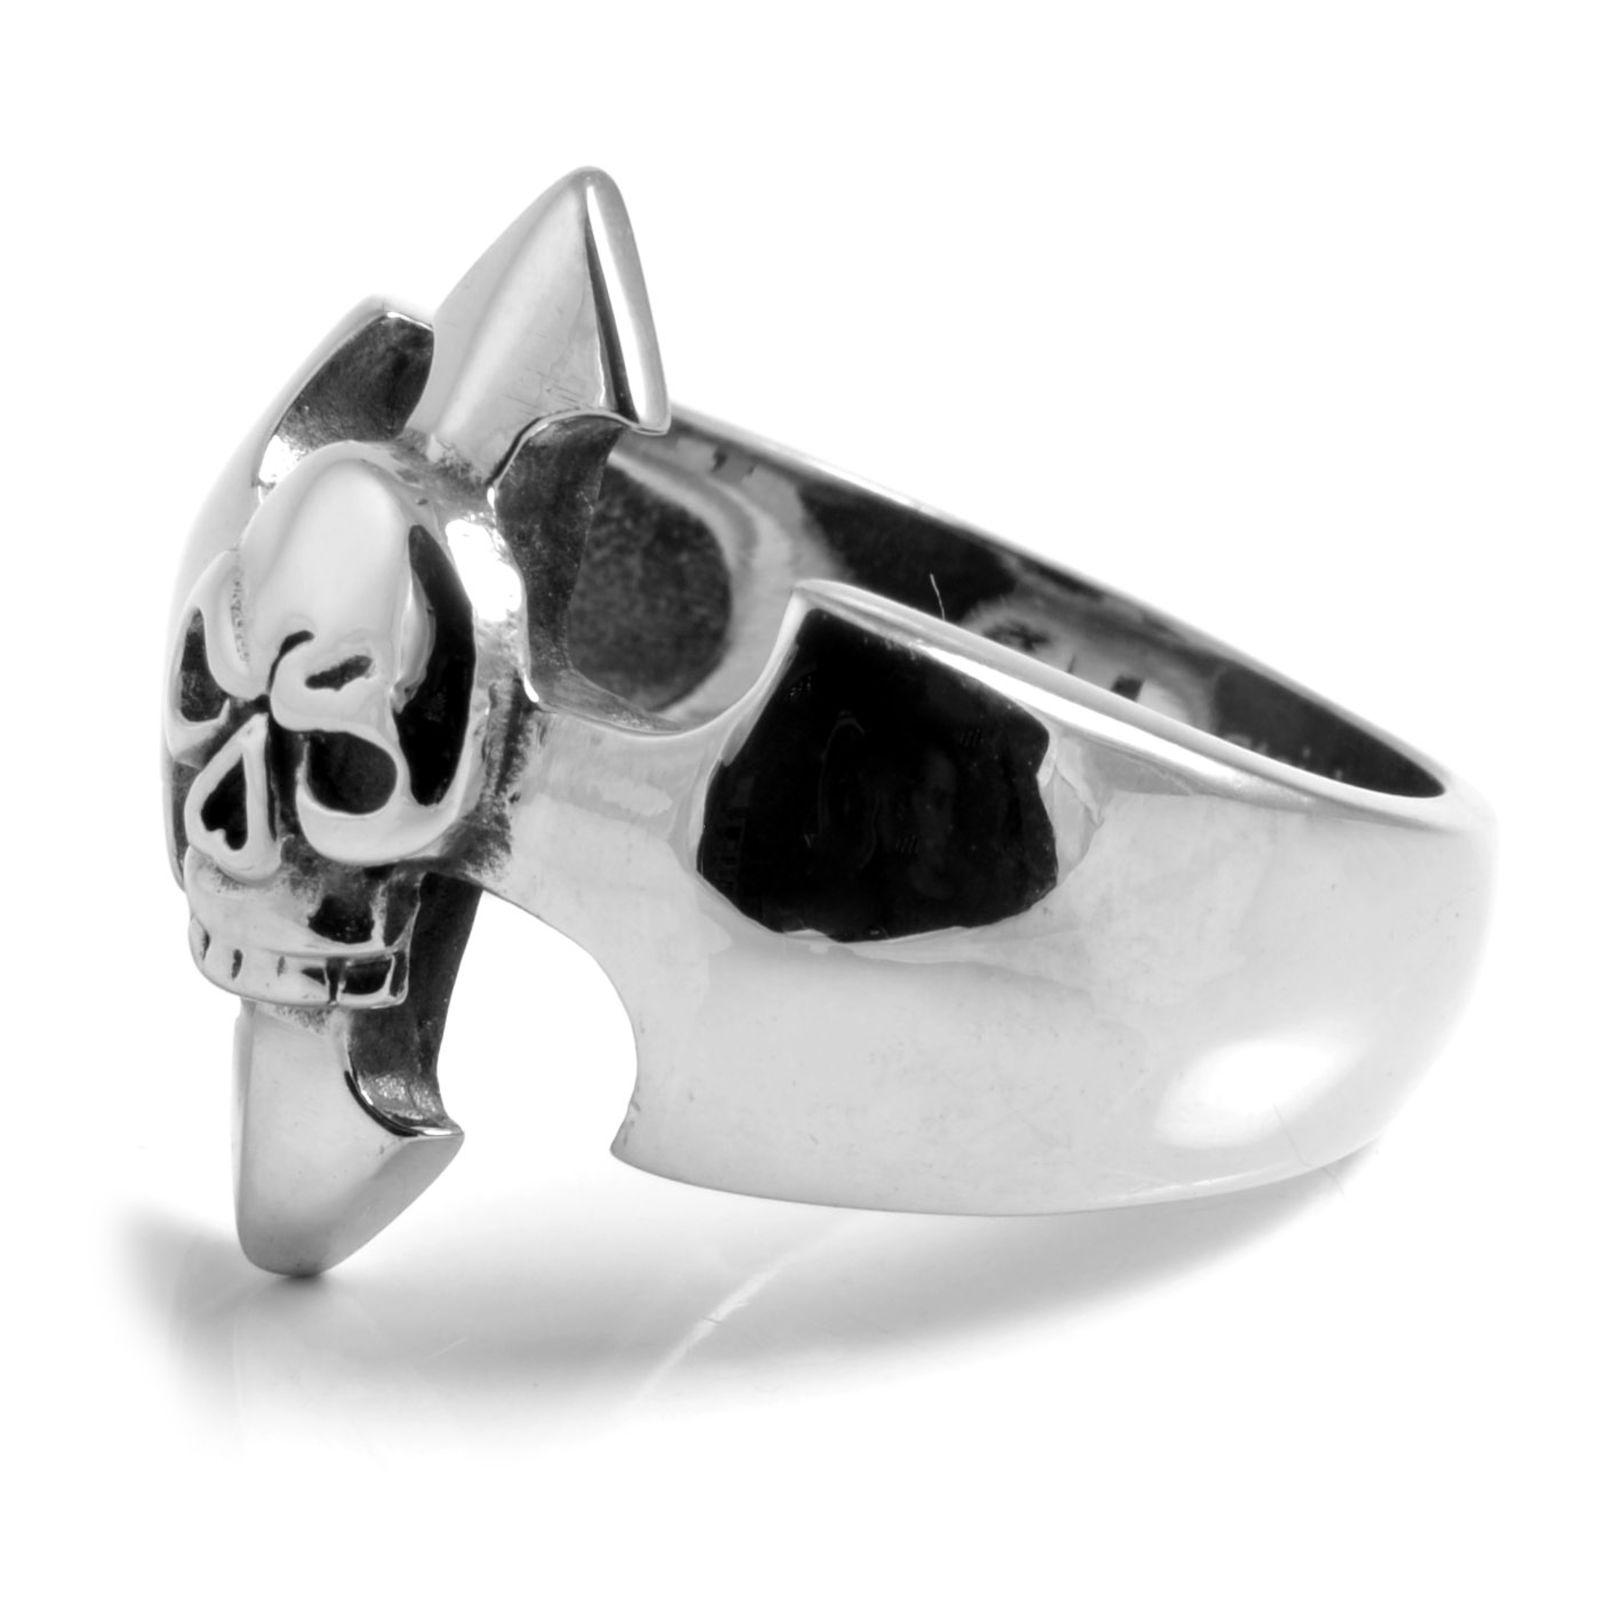 Ατσαλένιο Δαχτυλίδι Arrow Head Skeleton Skull  c3009f1911f